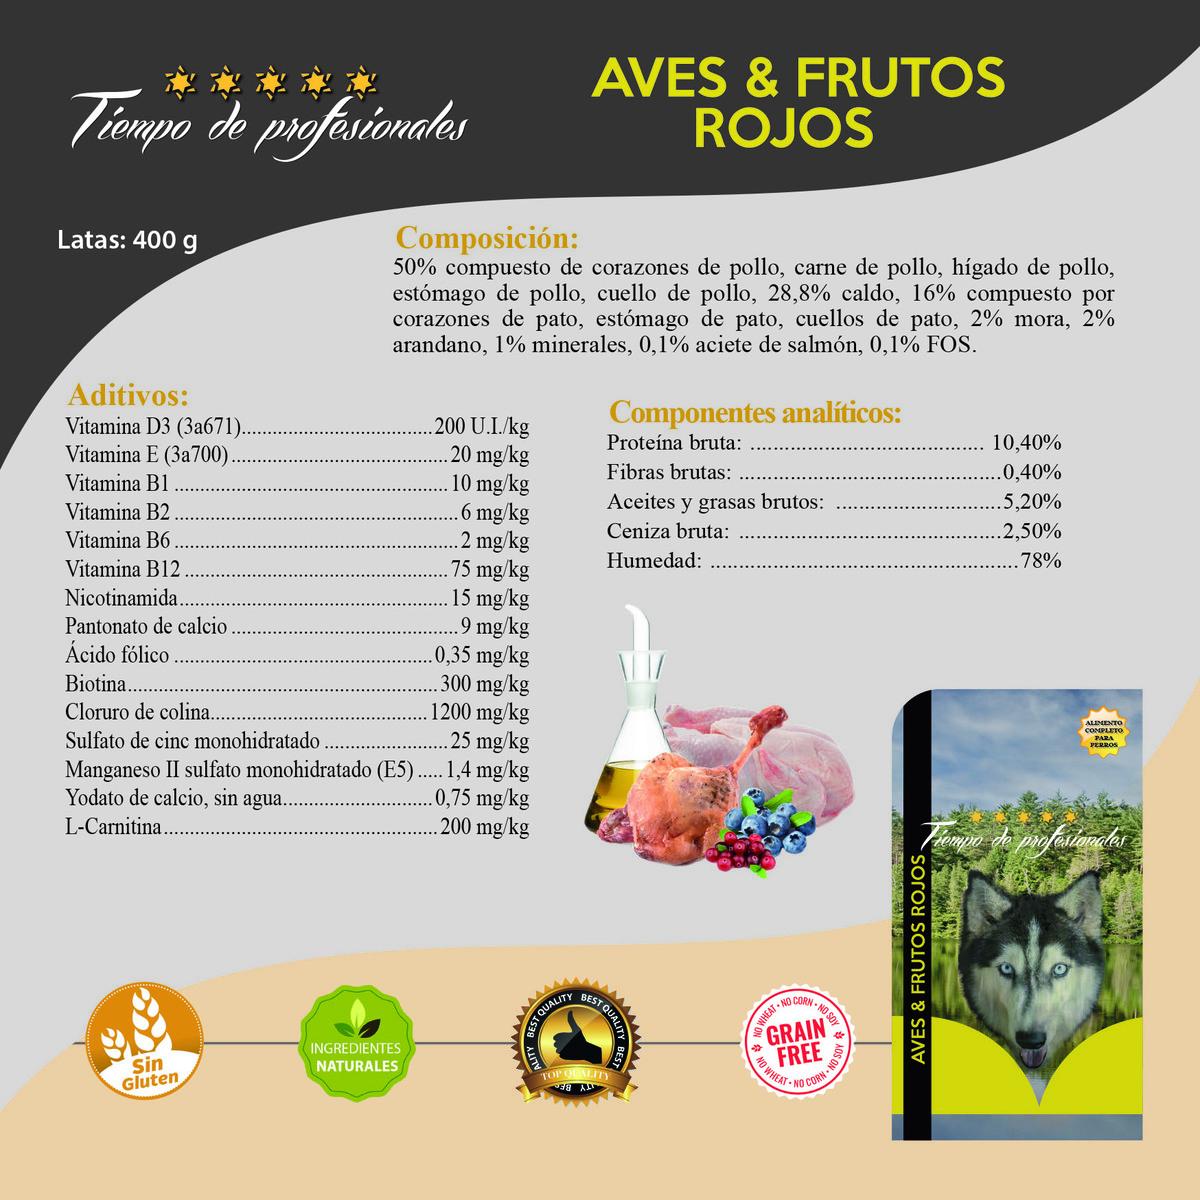 Latas Ave & Frutos Rojos 400gr